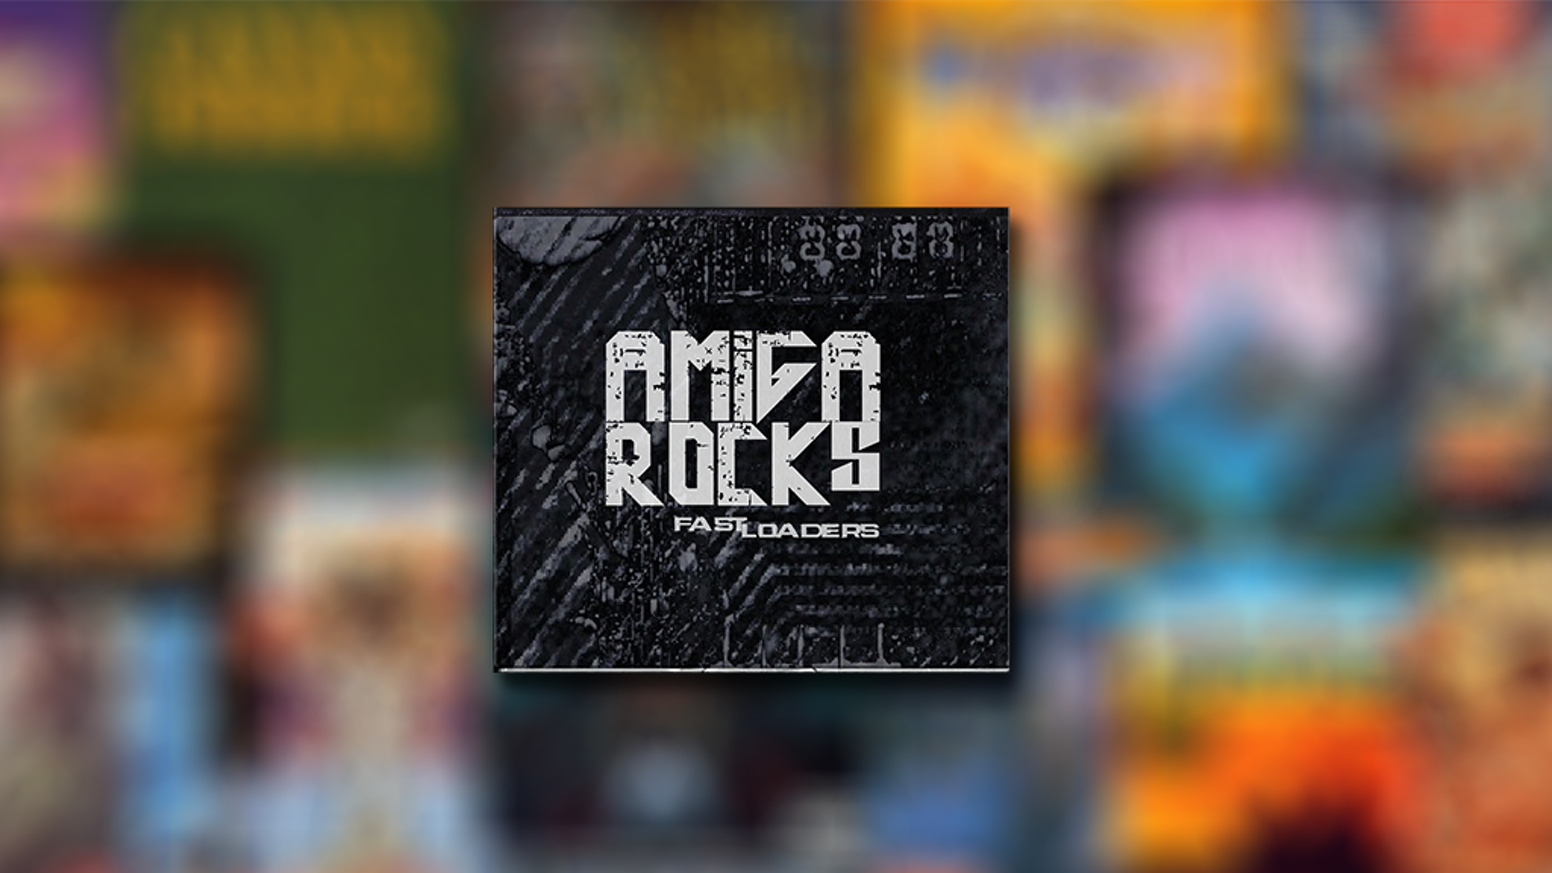 Triple album of Amiga game music in rock/metal renditions by FastLoaders.